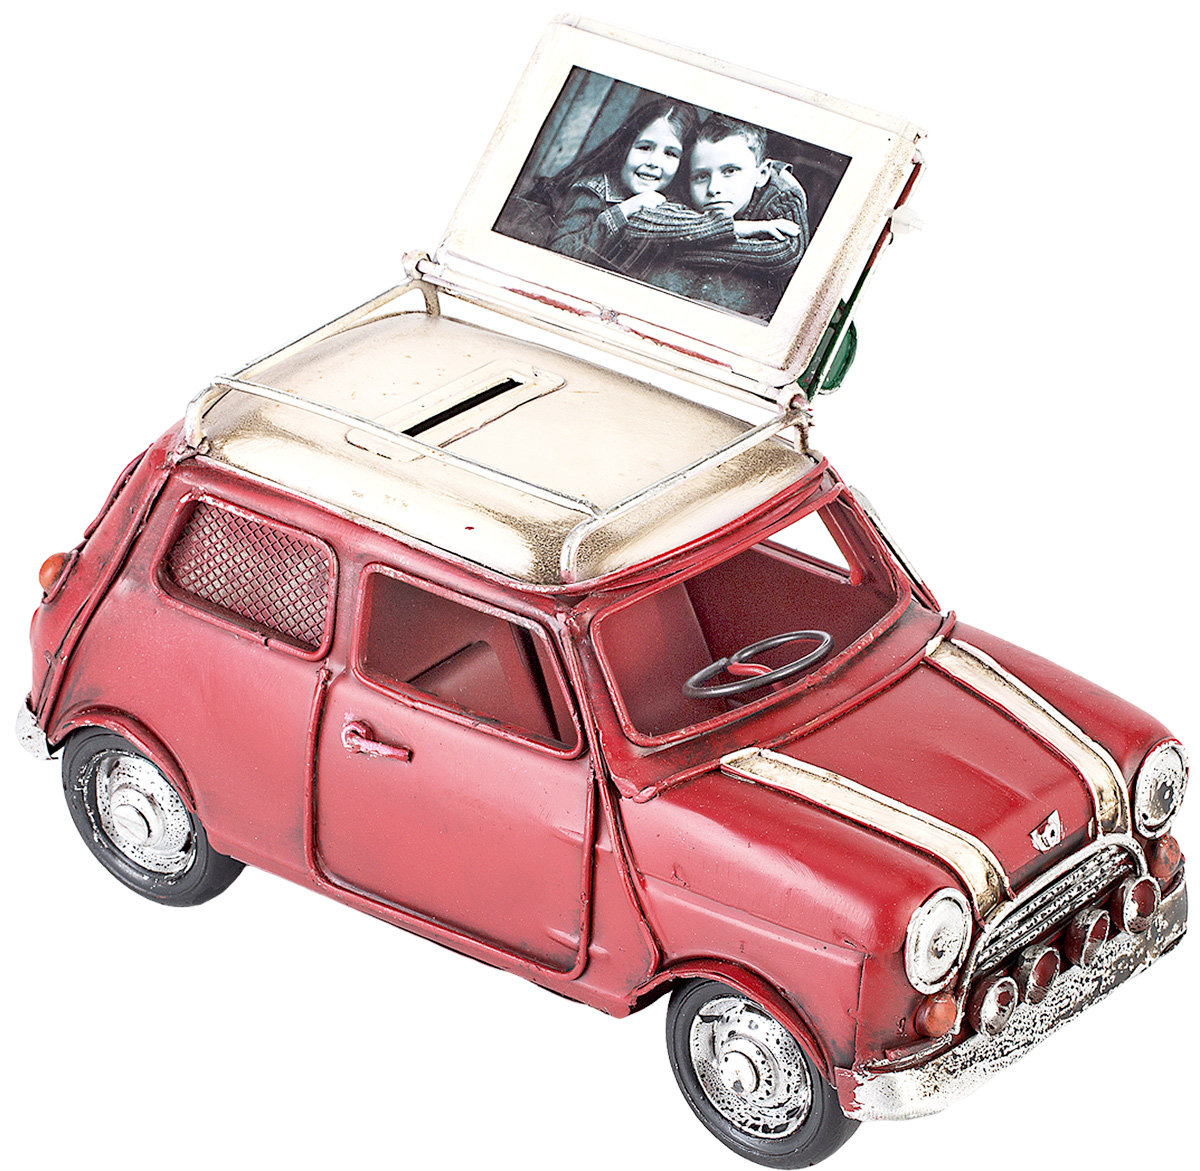 Модель Platinum Автомобиль, с фоторамкой и копилкой. 1404E-4344700091Модель Platinum Автомобиль, выполненная из металла, станет оригинальным украшением интерьера. Вы можете поставить модель ретро-автомобиля в любом месте, где она будет удачно смотреться.Изделие дополнено копилкой и фоторамкой, куда вы можете вставить вашу любимую фотографию.Качество исполнения, точные детали и оригинальный дизайн выделяют эту модель среди ряда подобных. Модель займет достойное место в вашей коллекции, а также приятно удивит получателя в качестве стильного сувенира.